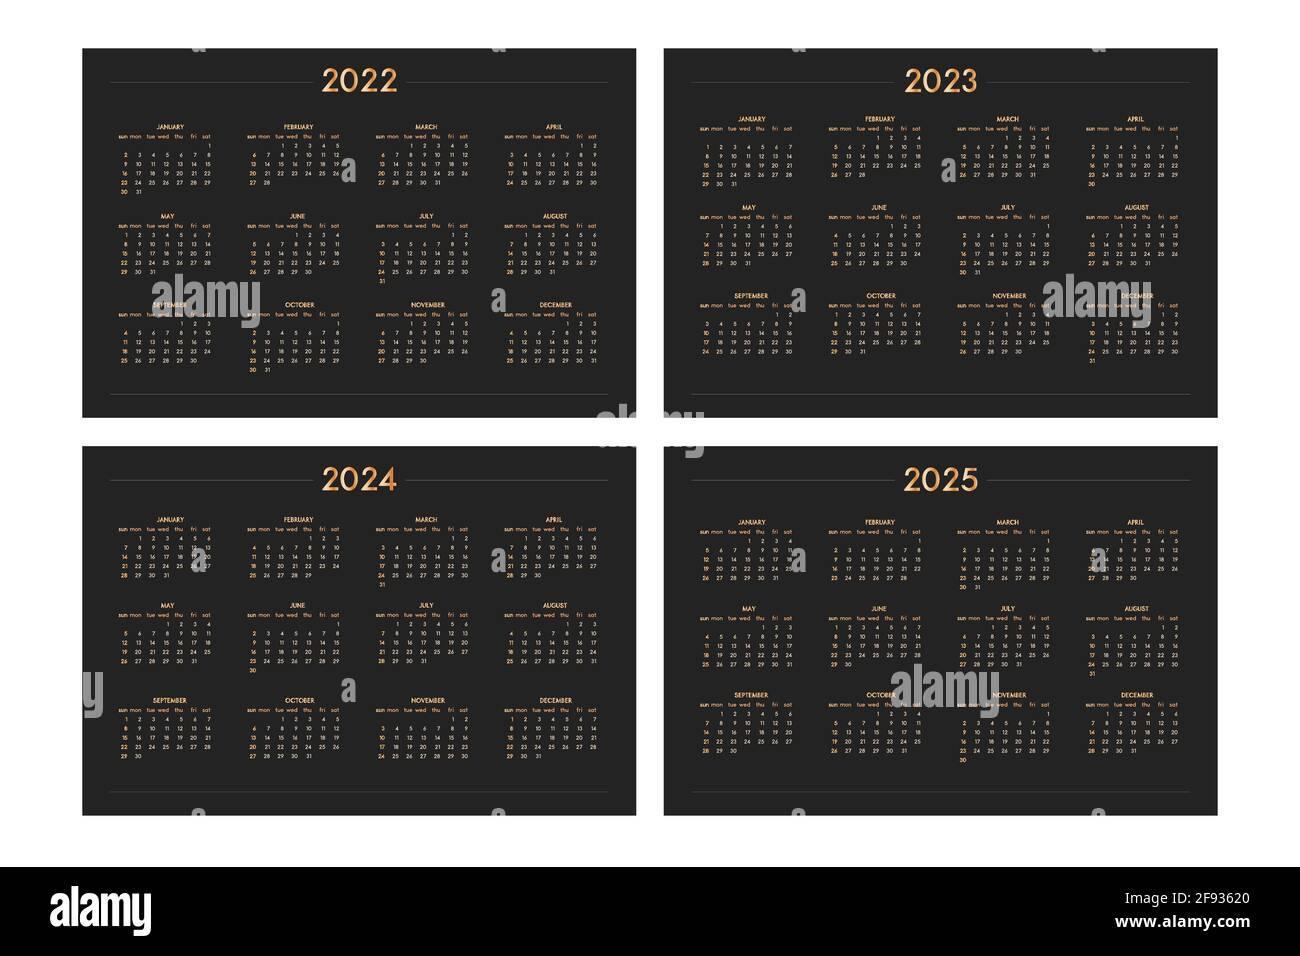 Calendrier 2022 2023 Garde Classique Calendrier Trimestriel Banque d'images détourées   Alamy